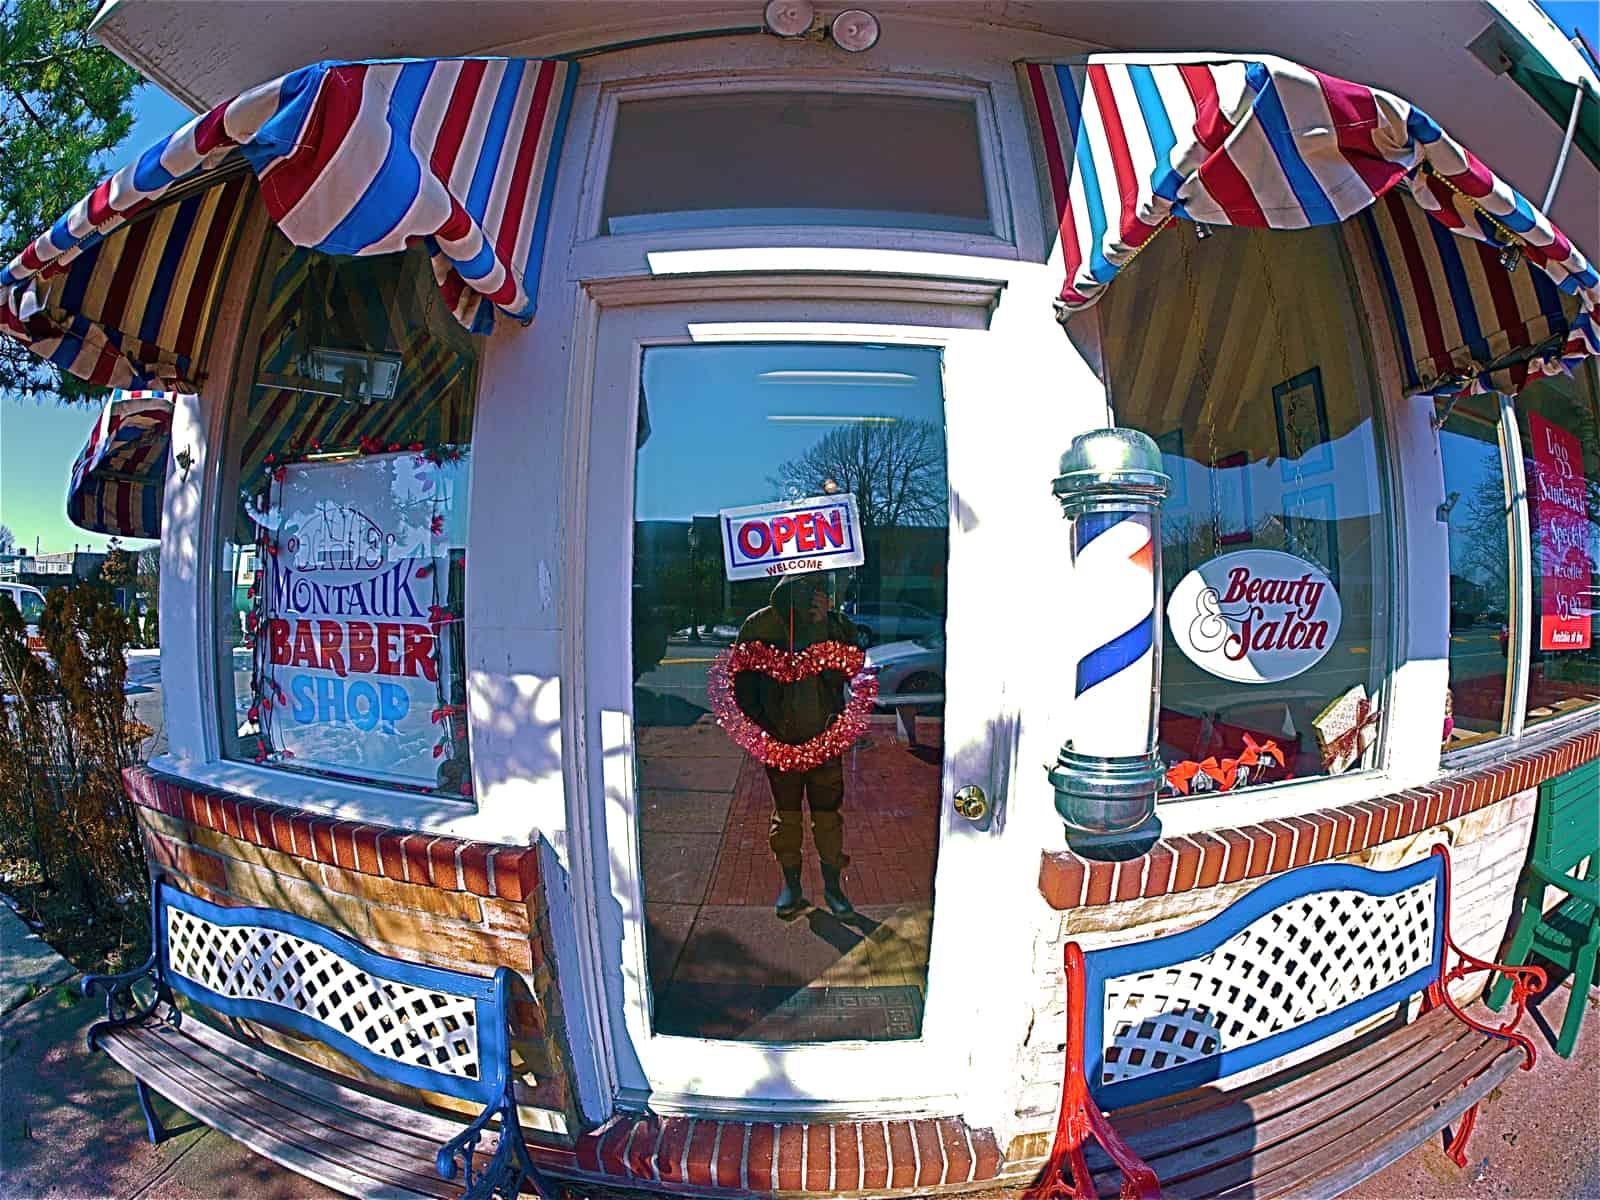 The Montauk Barber Shop, February 12, 2013, Montauk NY, photo by Sailing Montauk